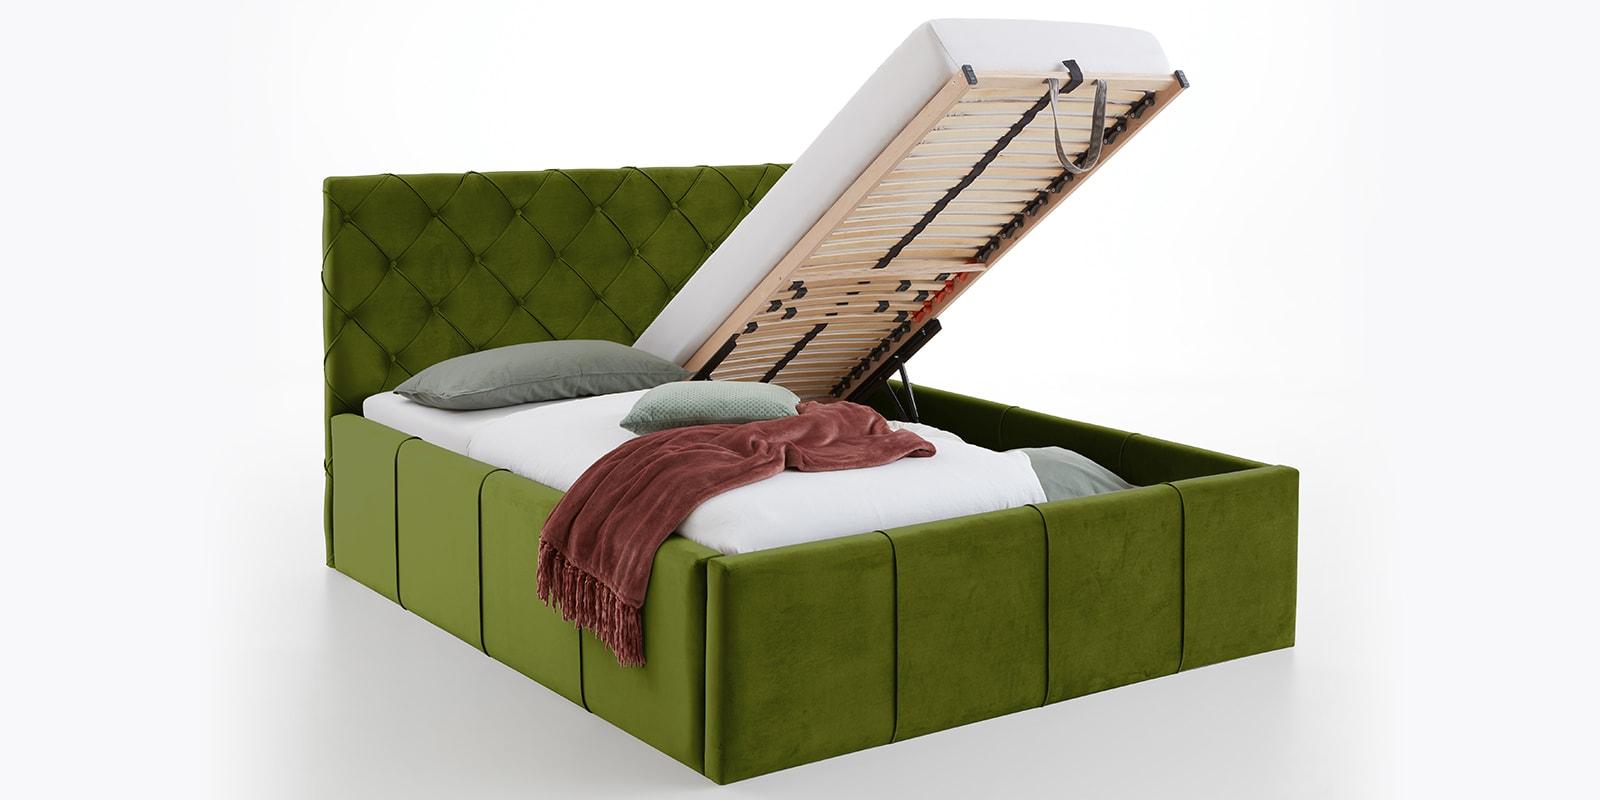 Moebella24 - Bett - mit - Bettkasten - Nelly - Samt - Oliv - XXL-Stauraum - Keder - Bettkasten-vormontiert - Kopfteil - mit - Knopfheftung